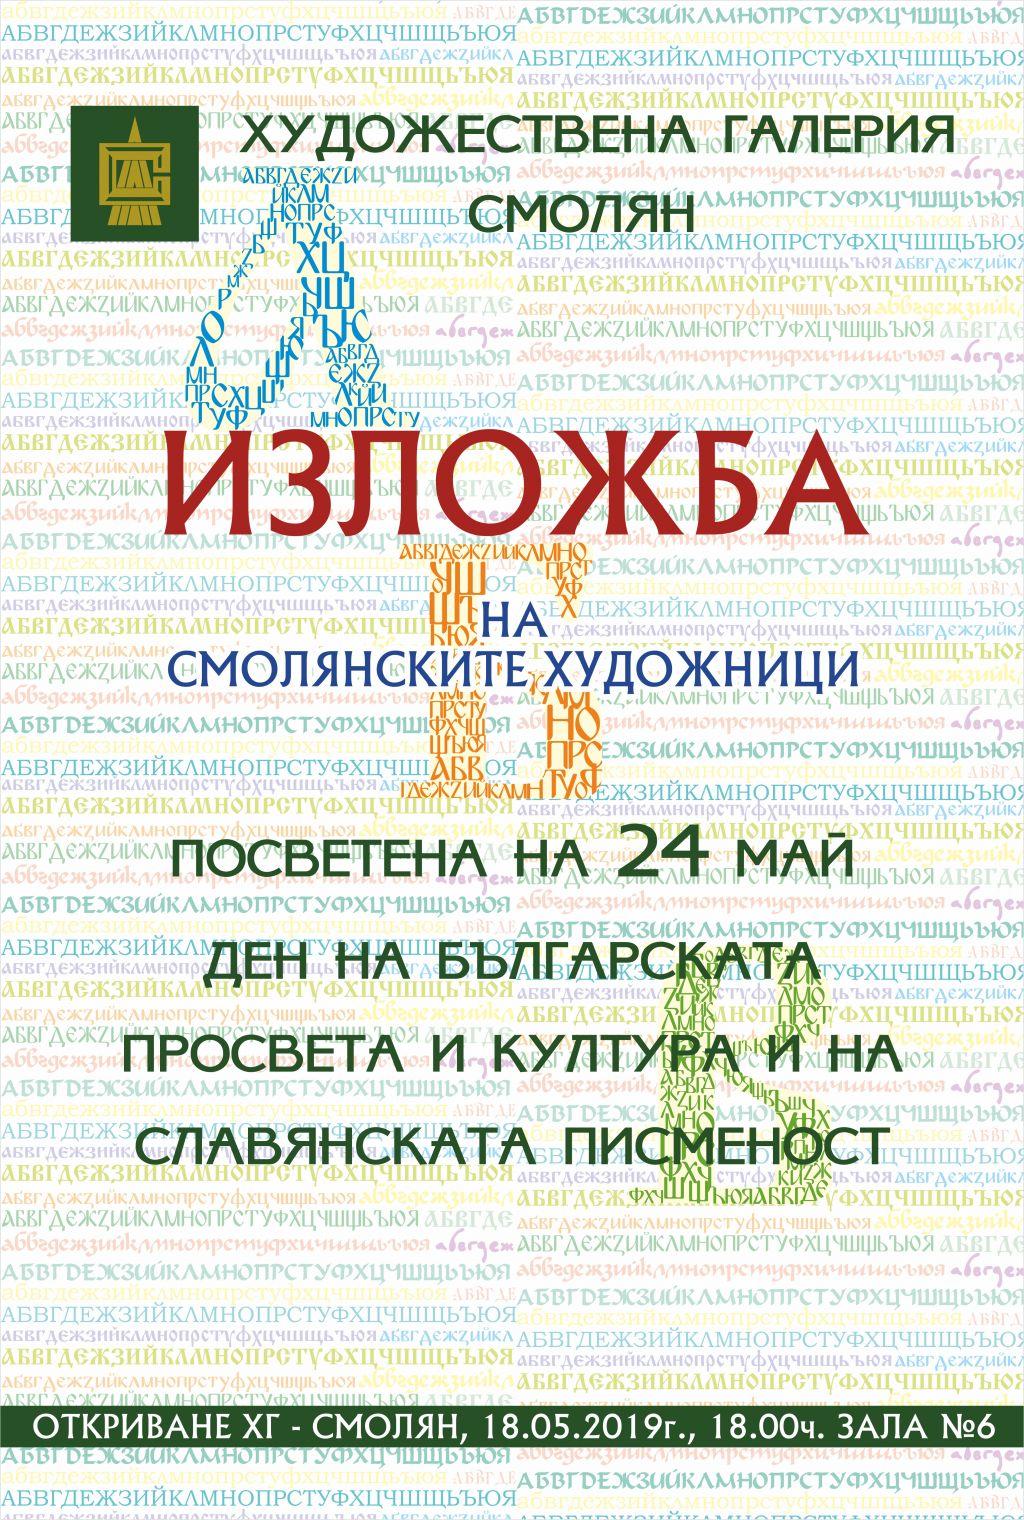 Изложба на Смолянските художници - голяма снимка